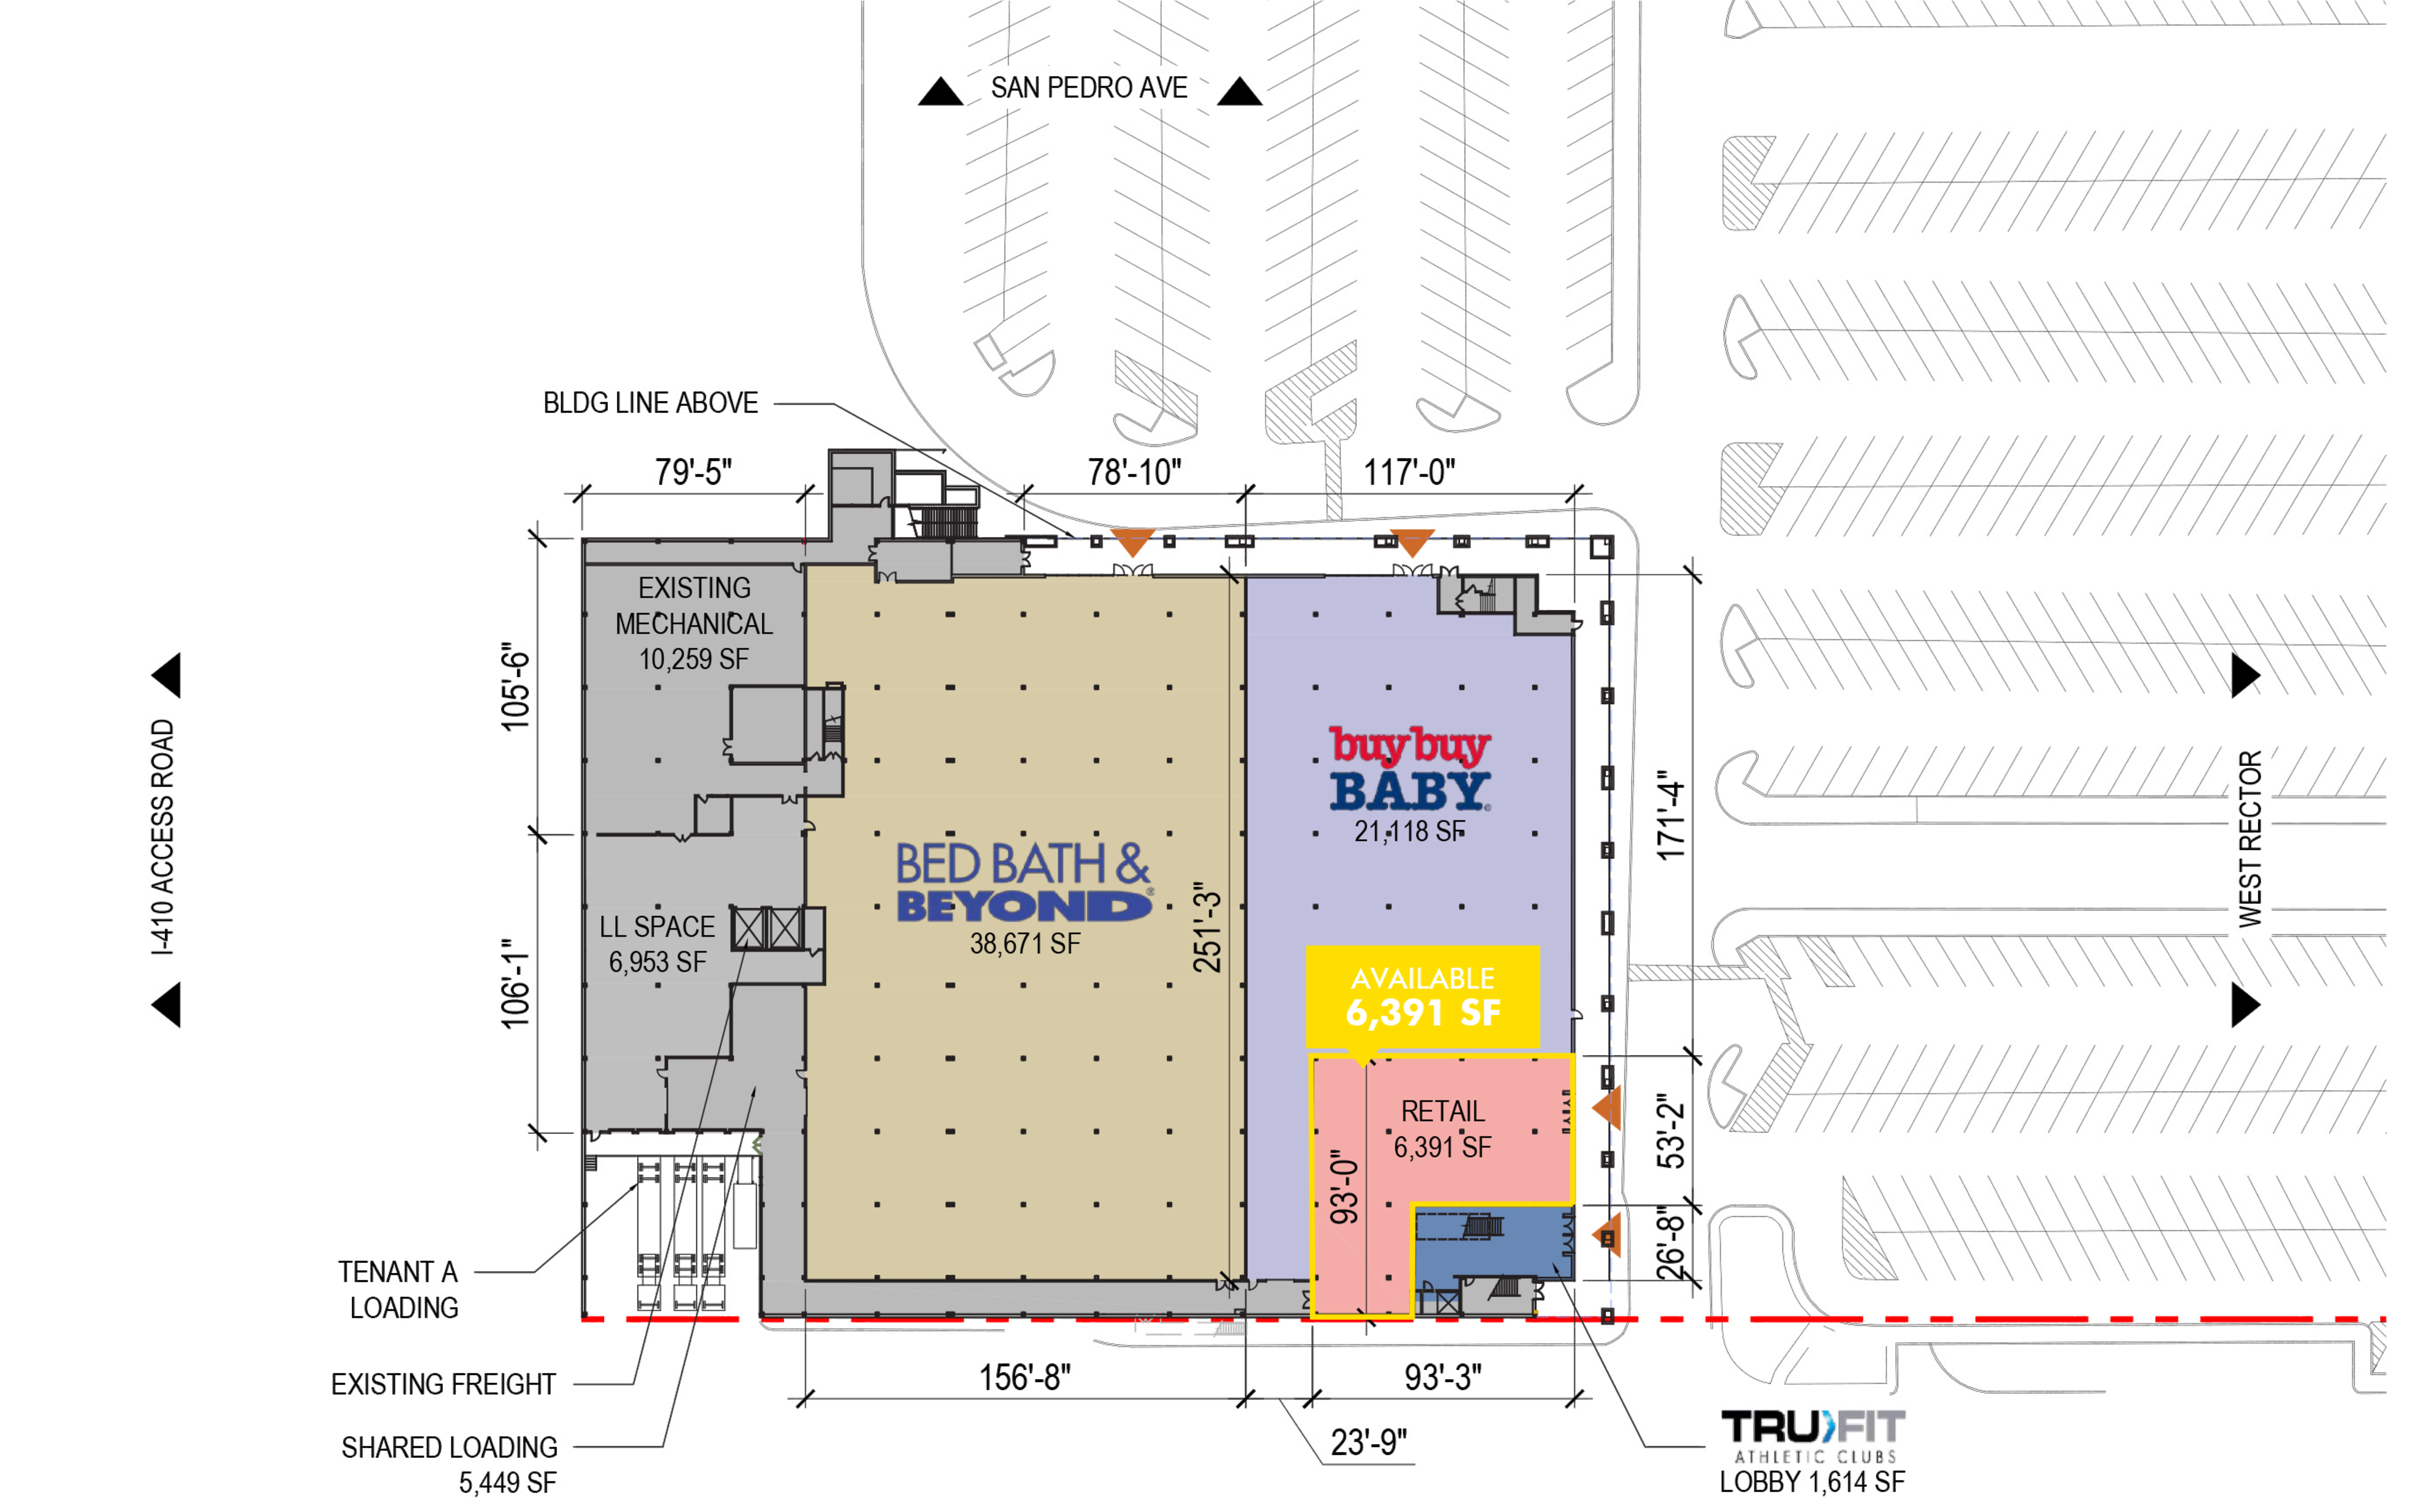 201 Central Park: site plan